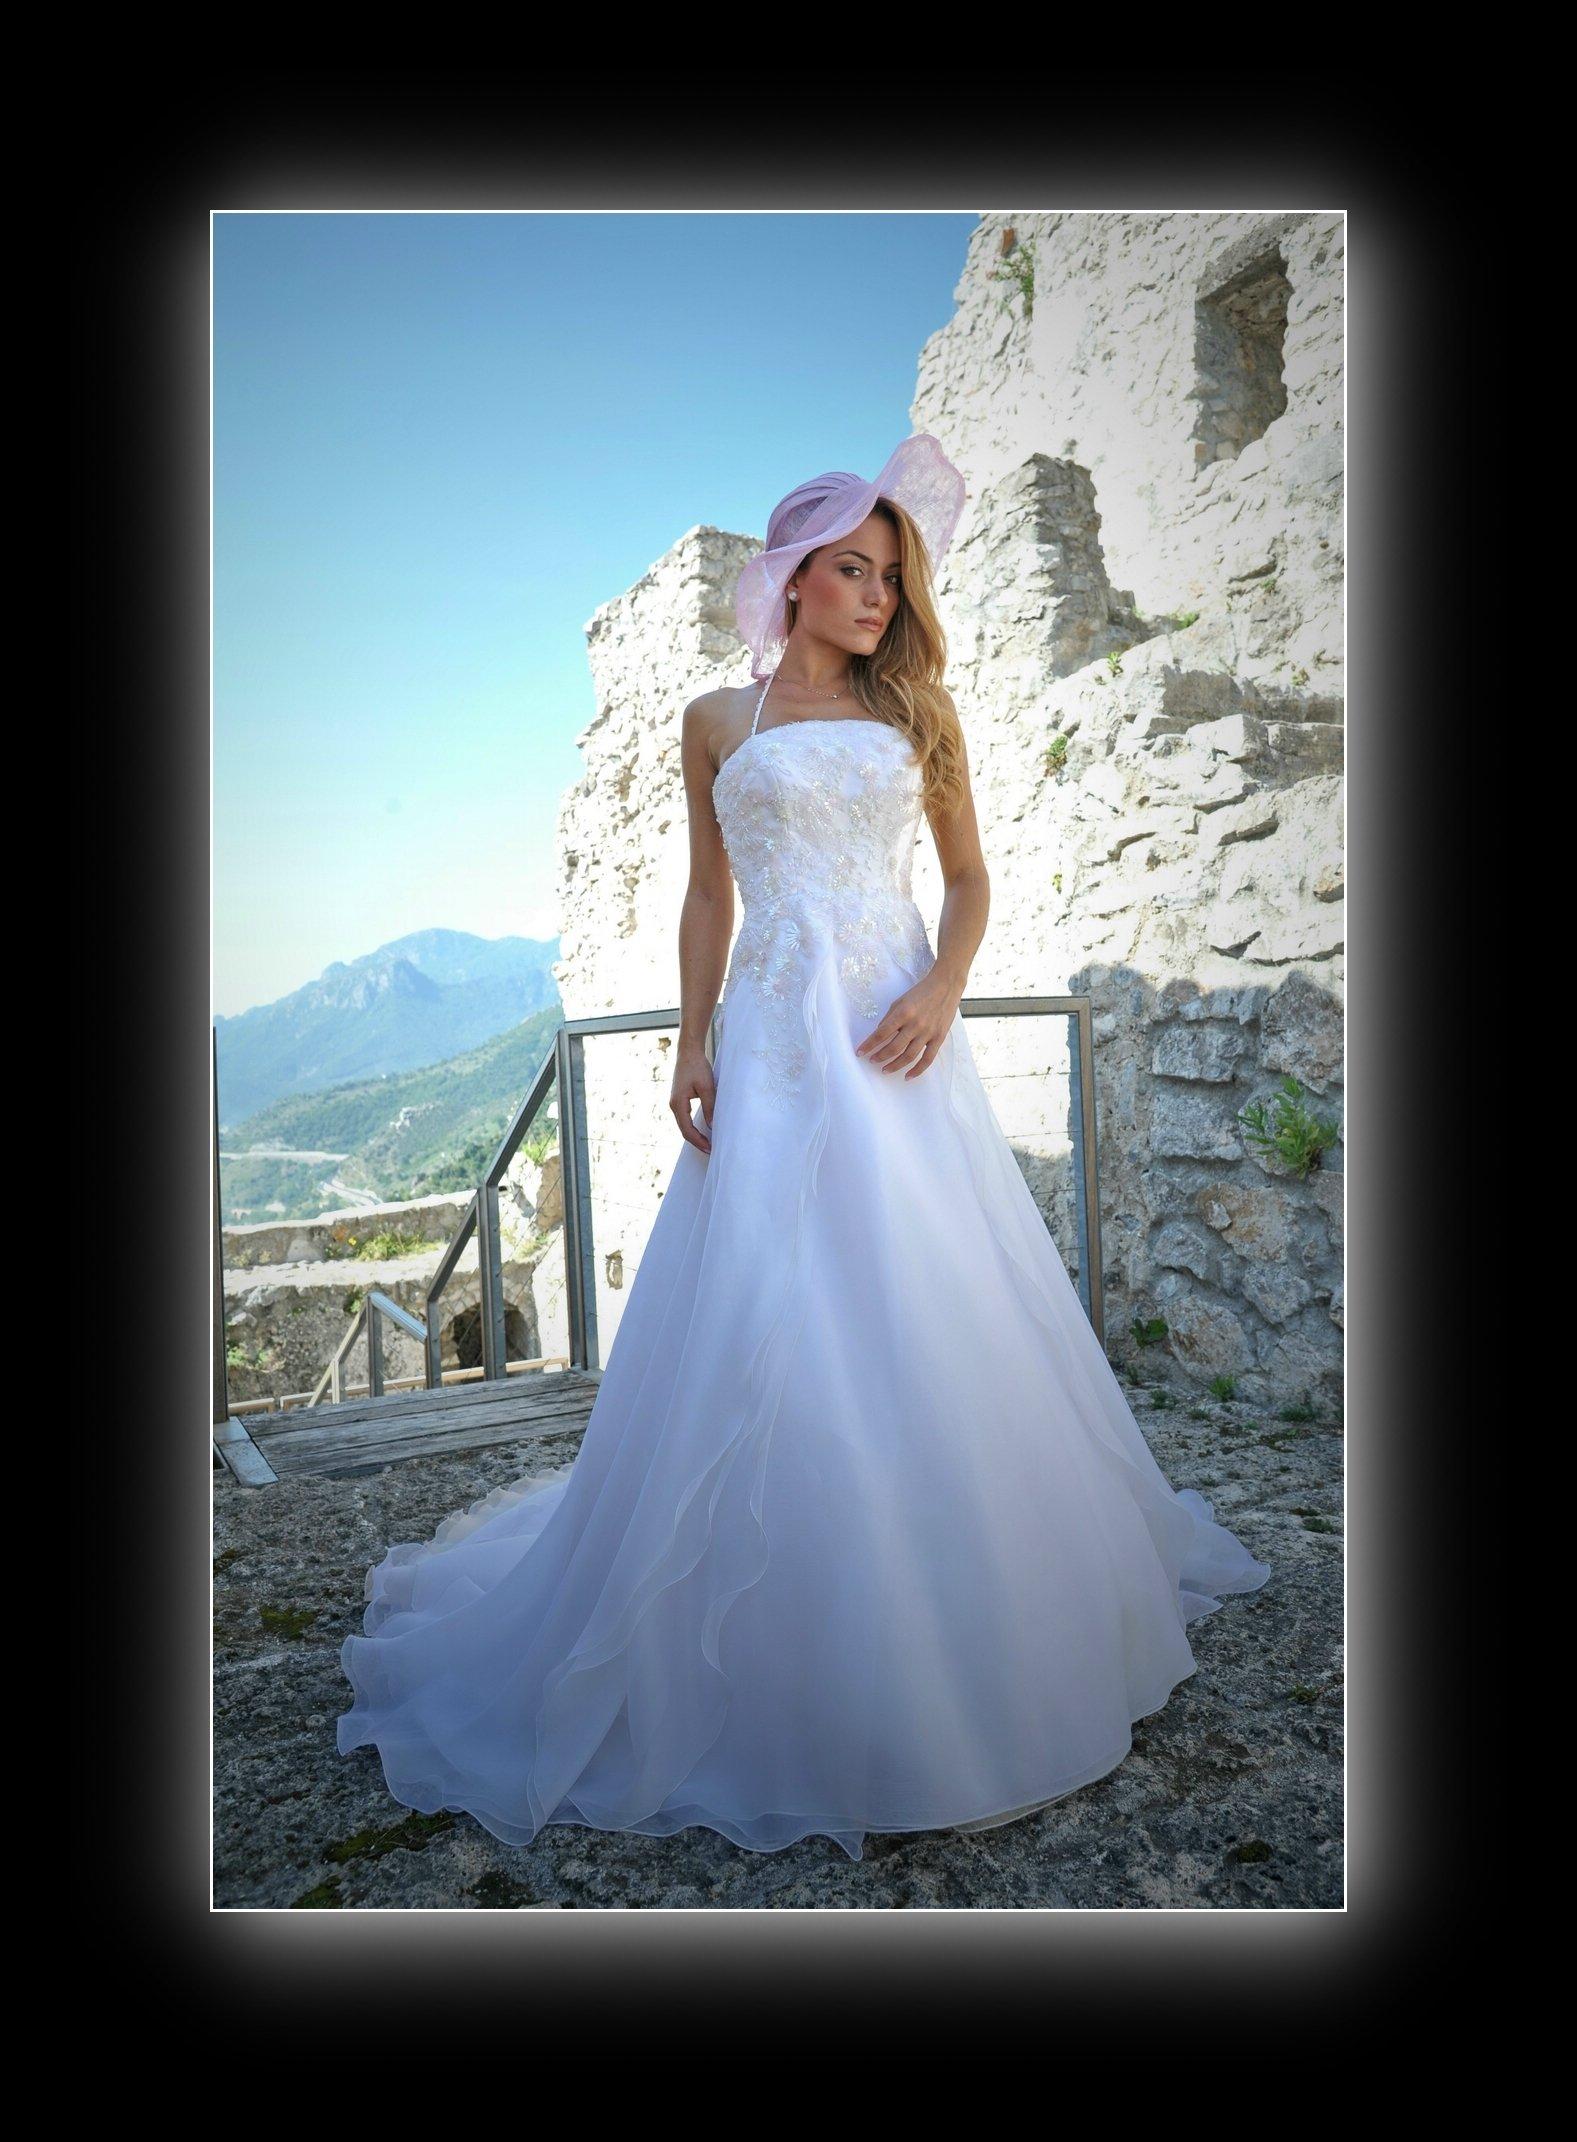 ragazza vestita da sposa